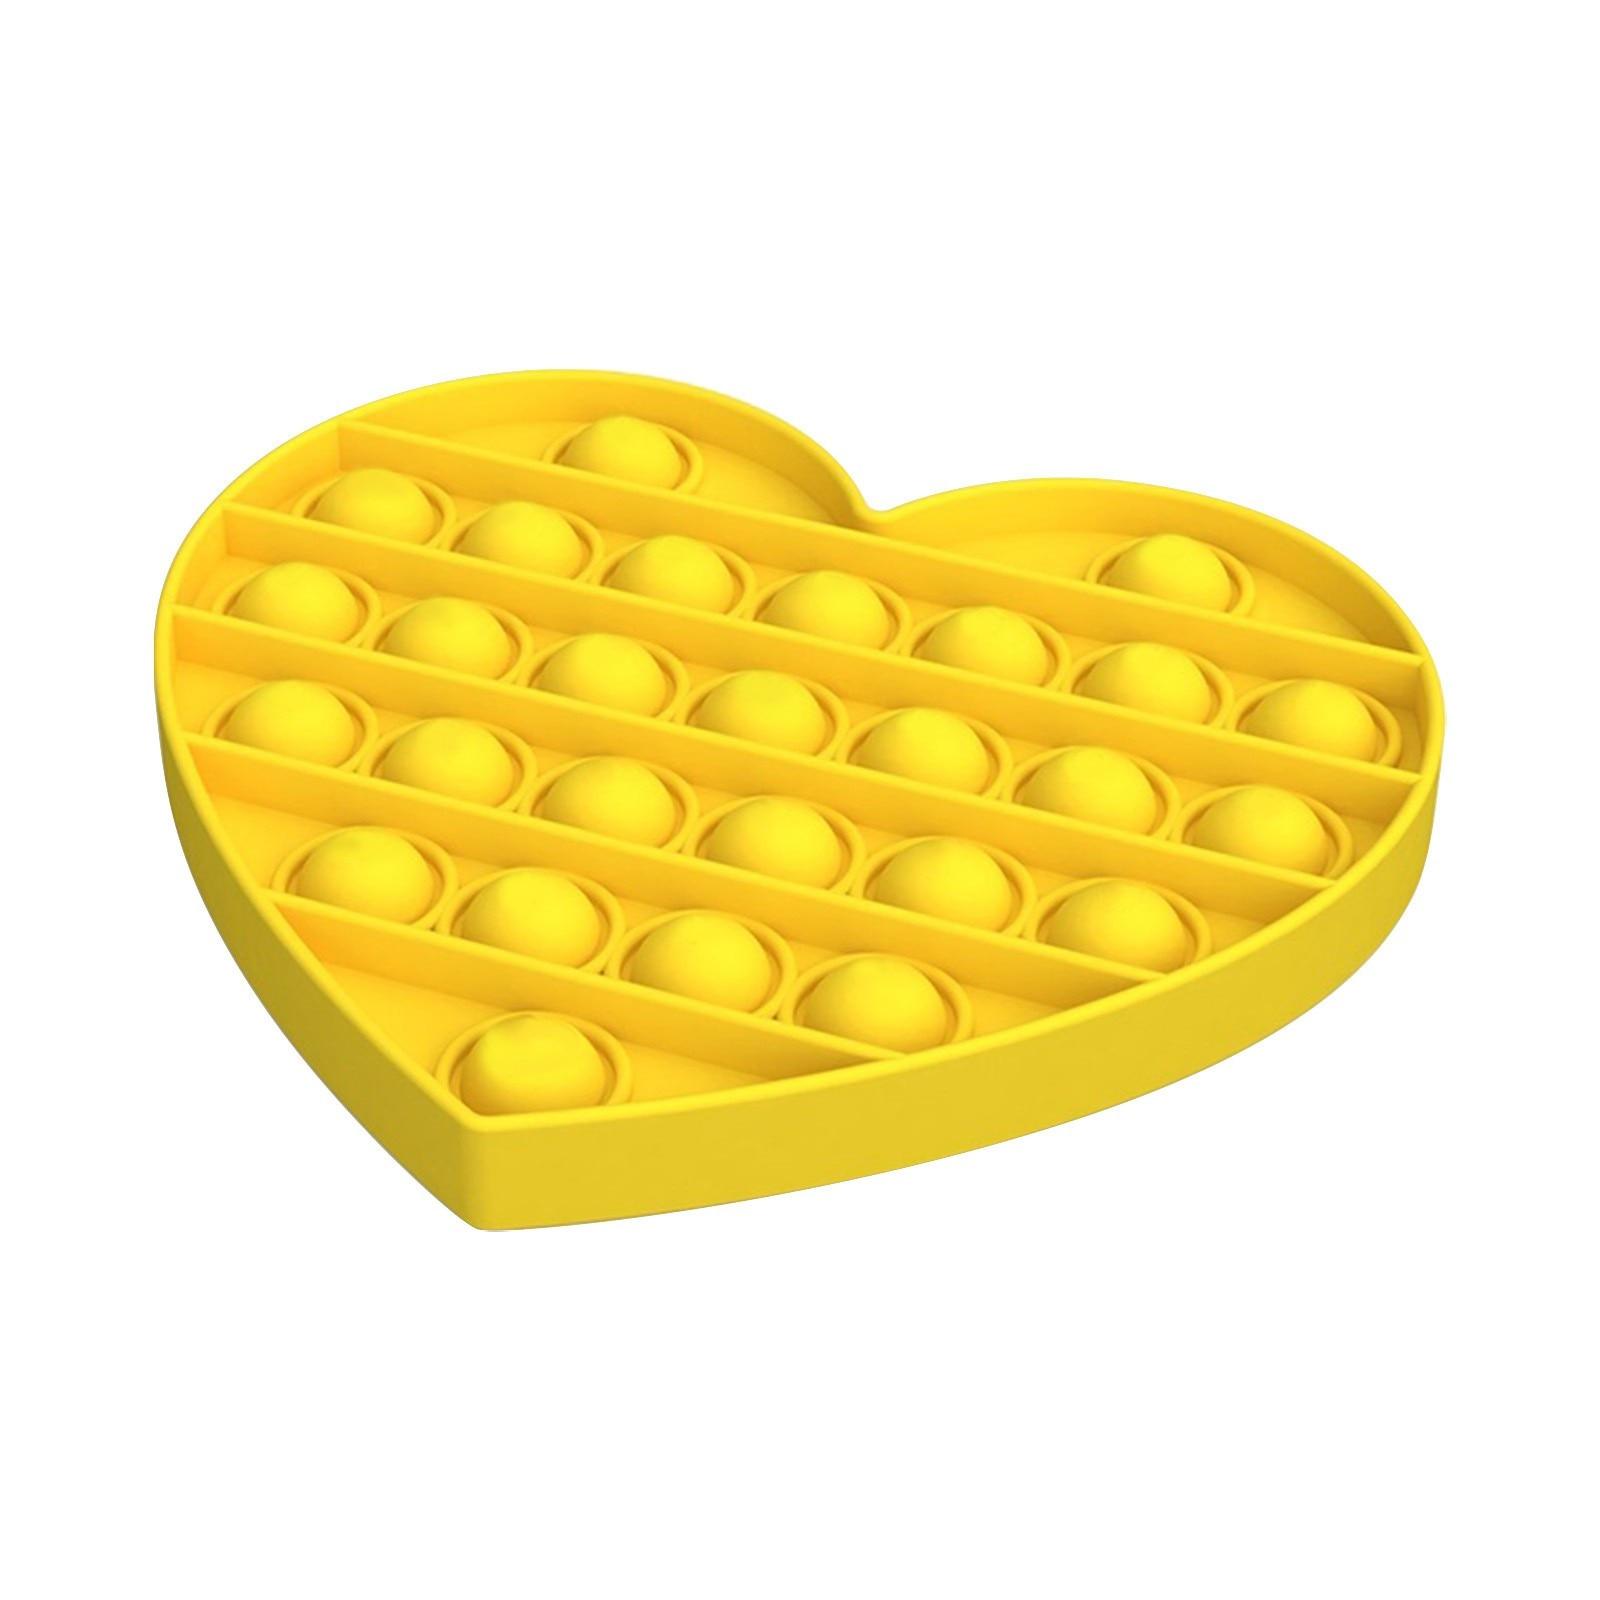 Sıcak kalp stres oyuncakları Popit antistres oyuncaklar yetişkin çocuklar için aşk itme kabarcık Fidget duyusal oyuncak otizm özel İhtiyaçları игрушки